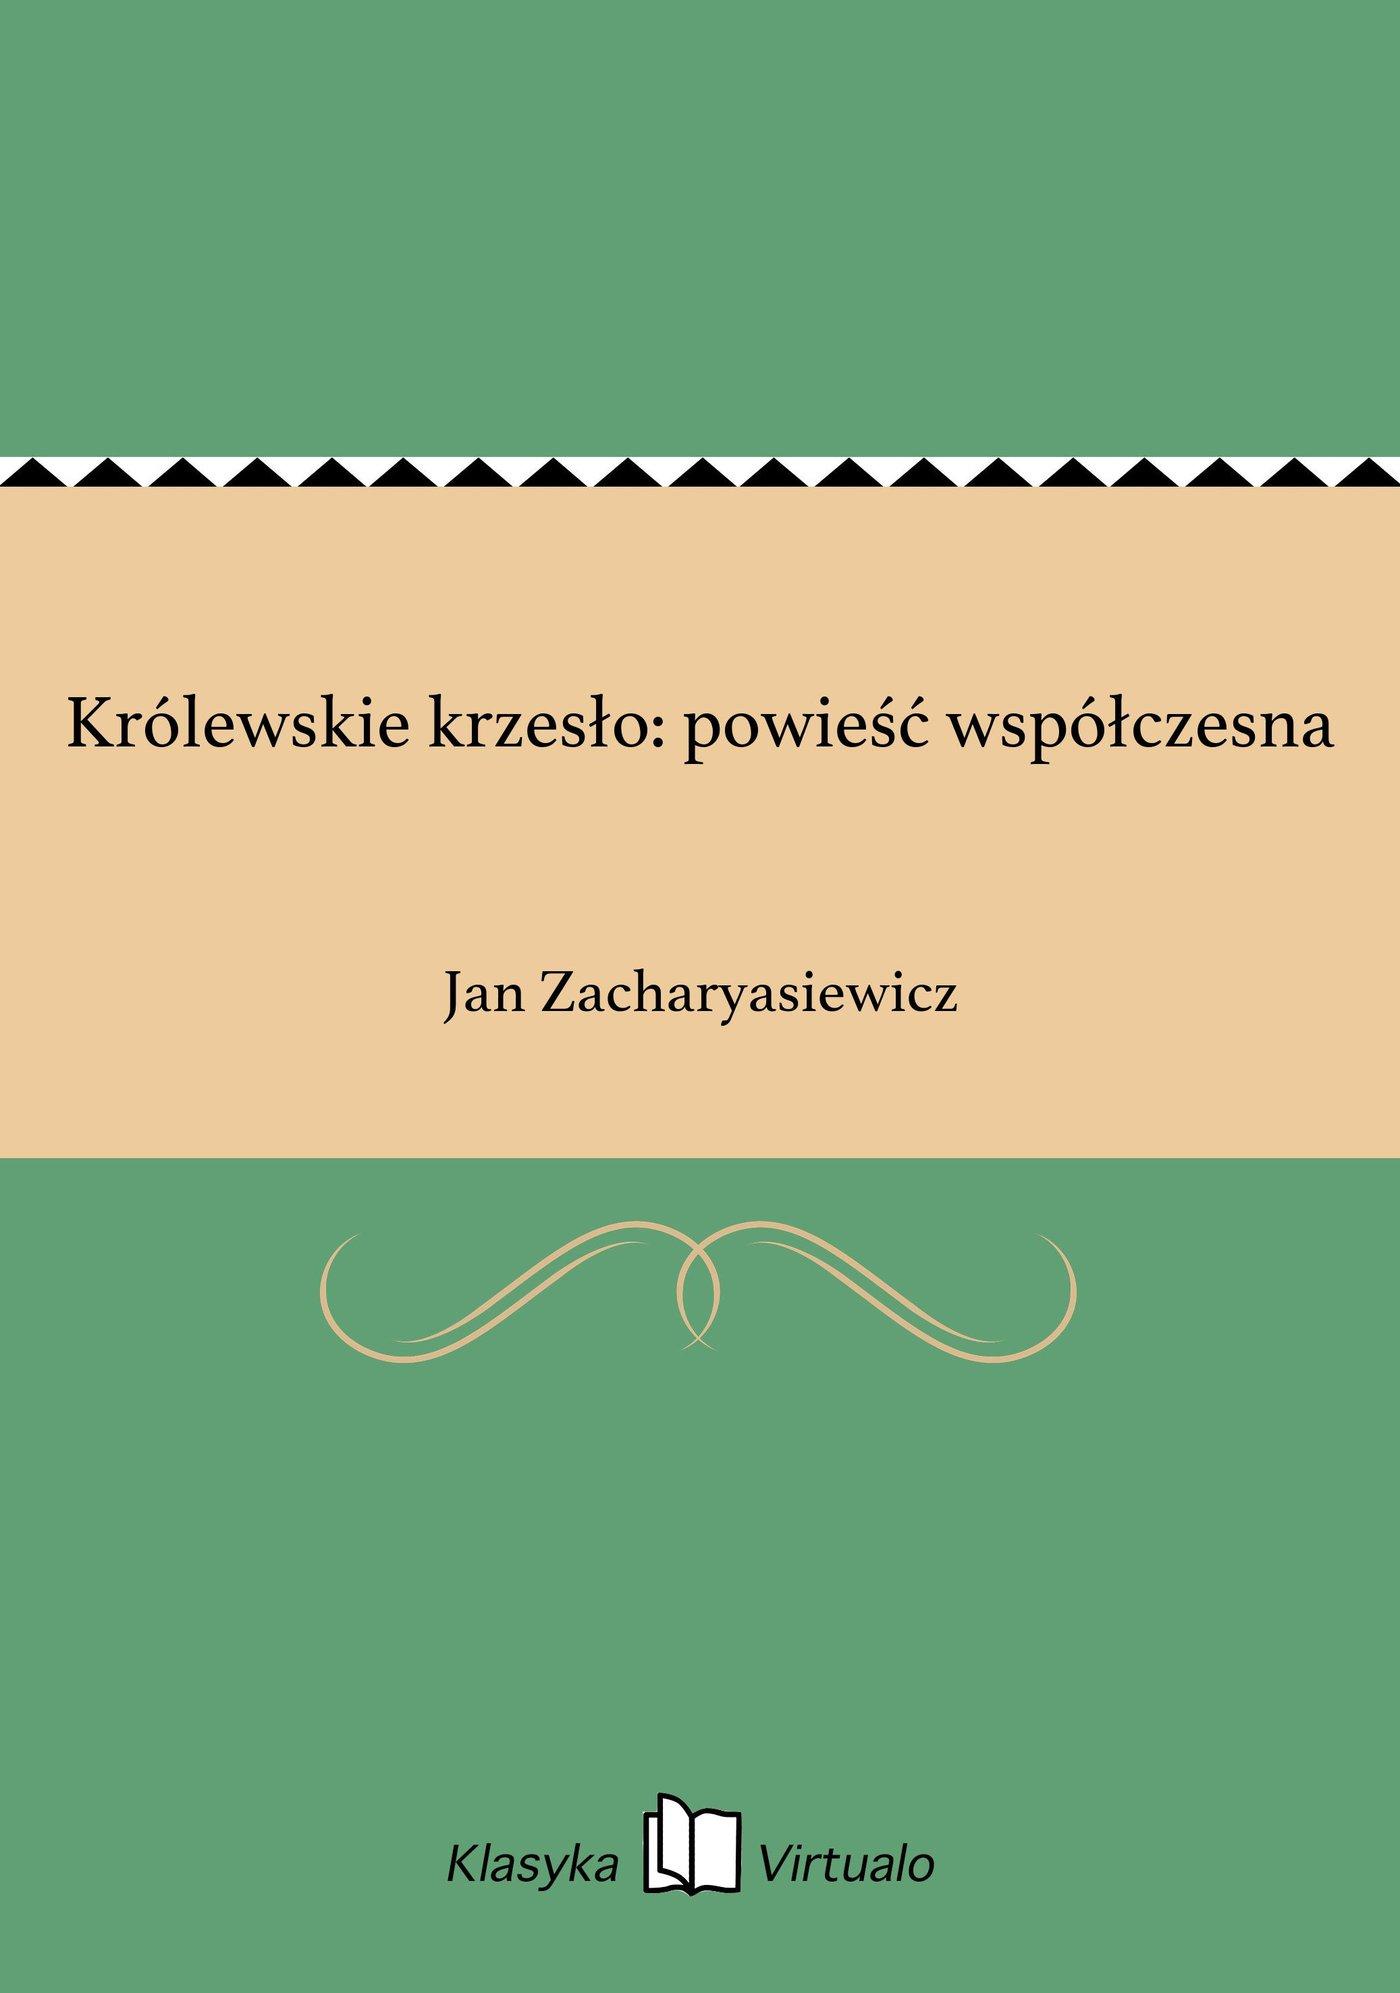 Królewskie krzesło: powieść współczesna - Ebook (Książka na Kindle) do pobrania w formacie MOBI